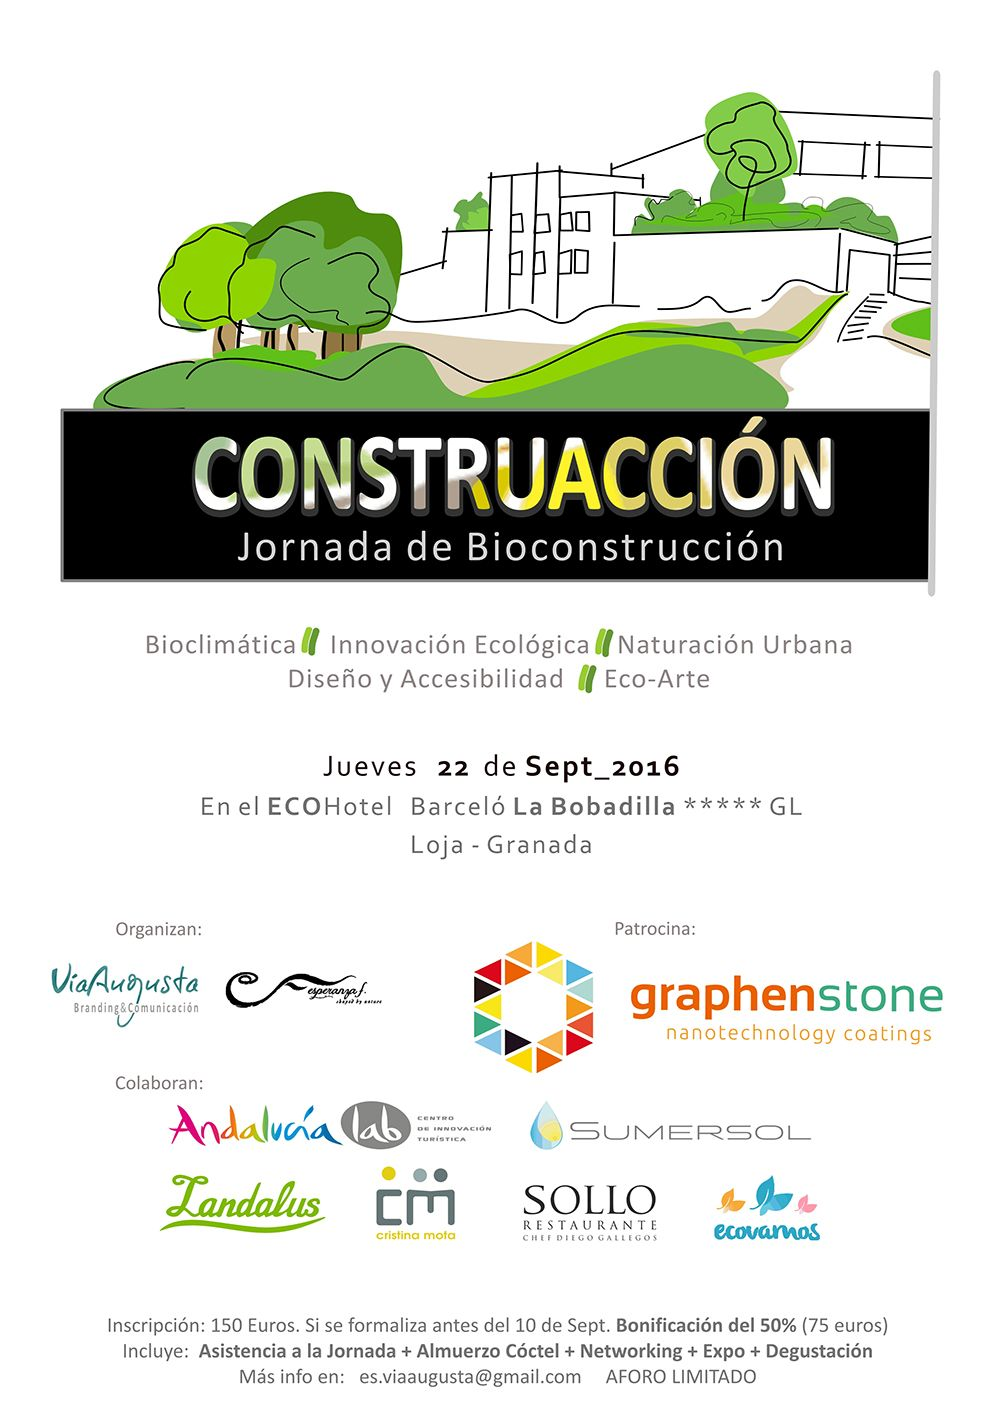 jornada-bioconstruccion